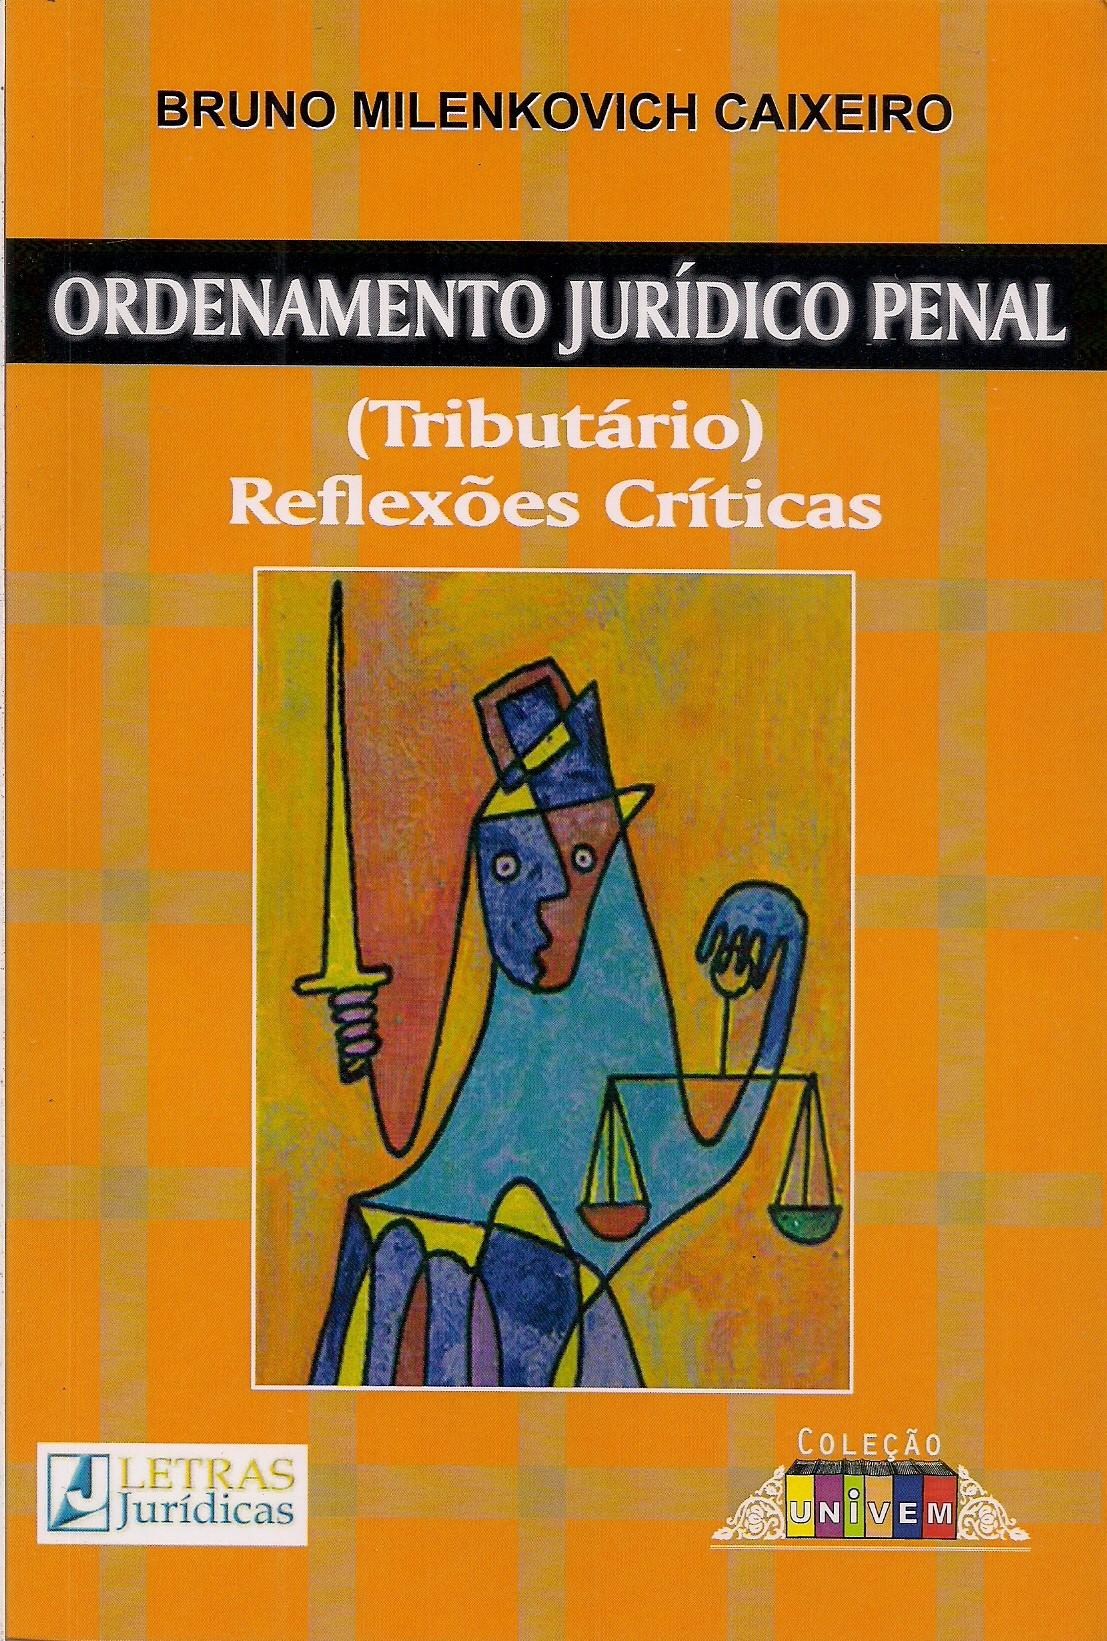 Foto 1 - Ordenamento Jurídico Penal